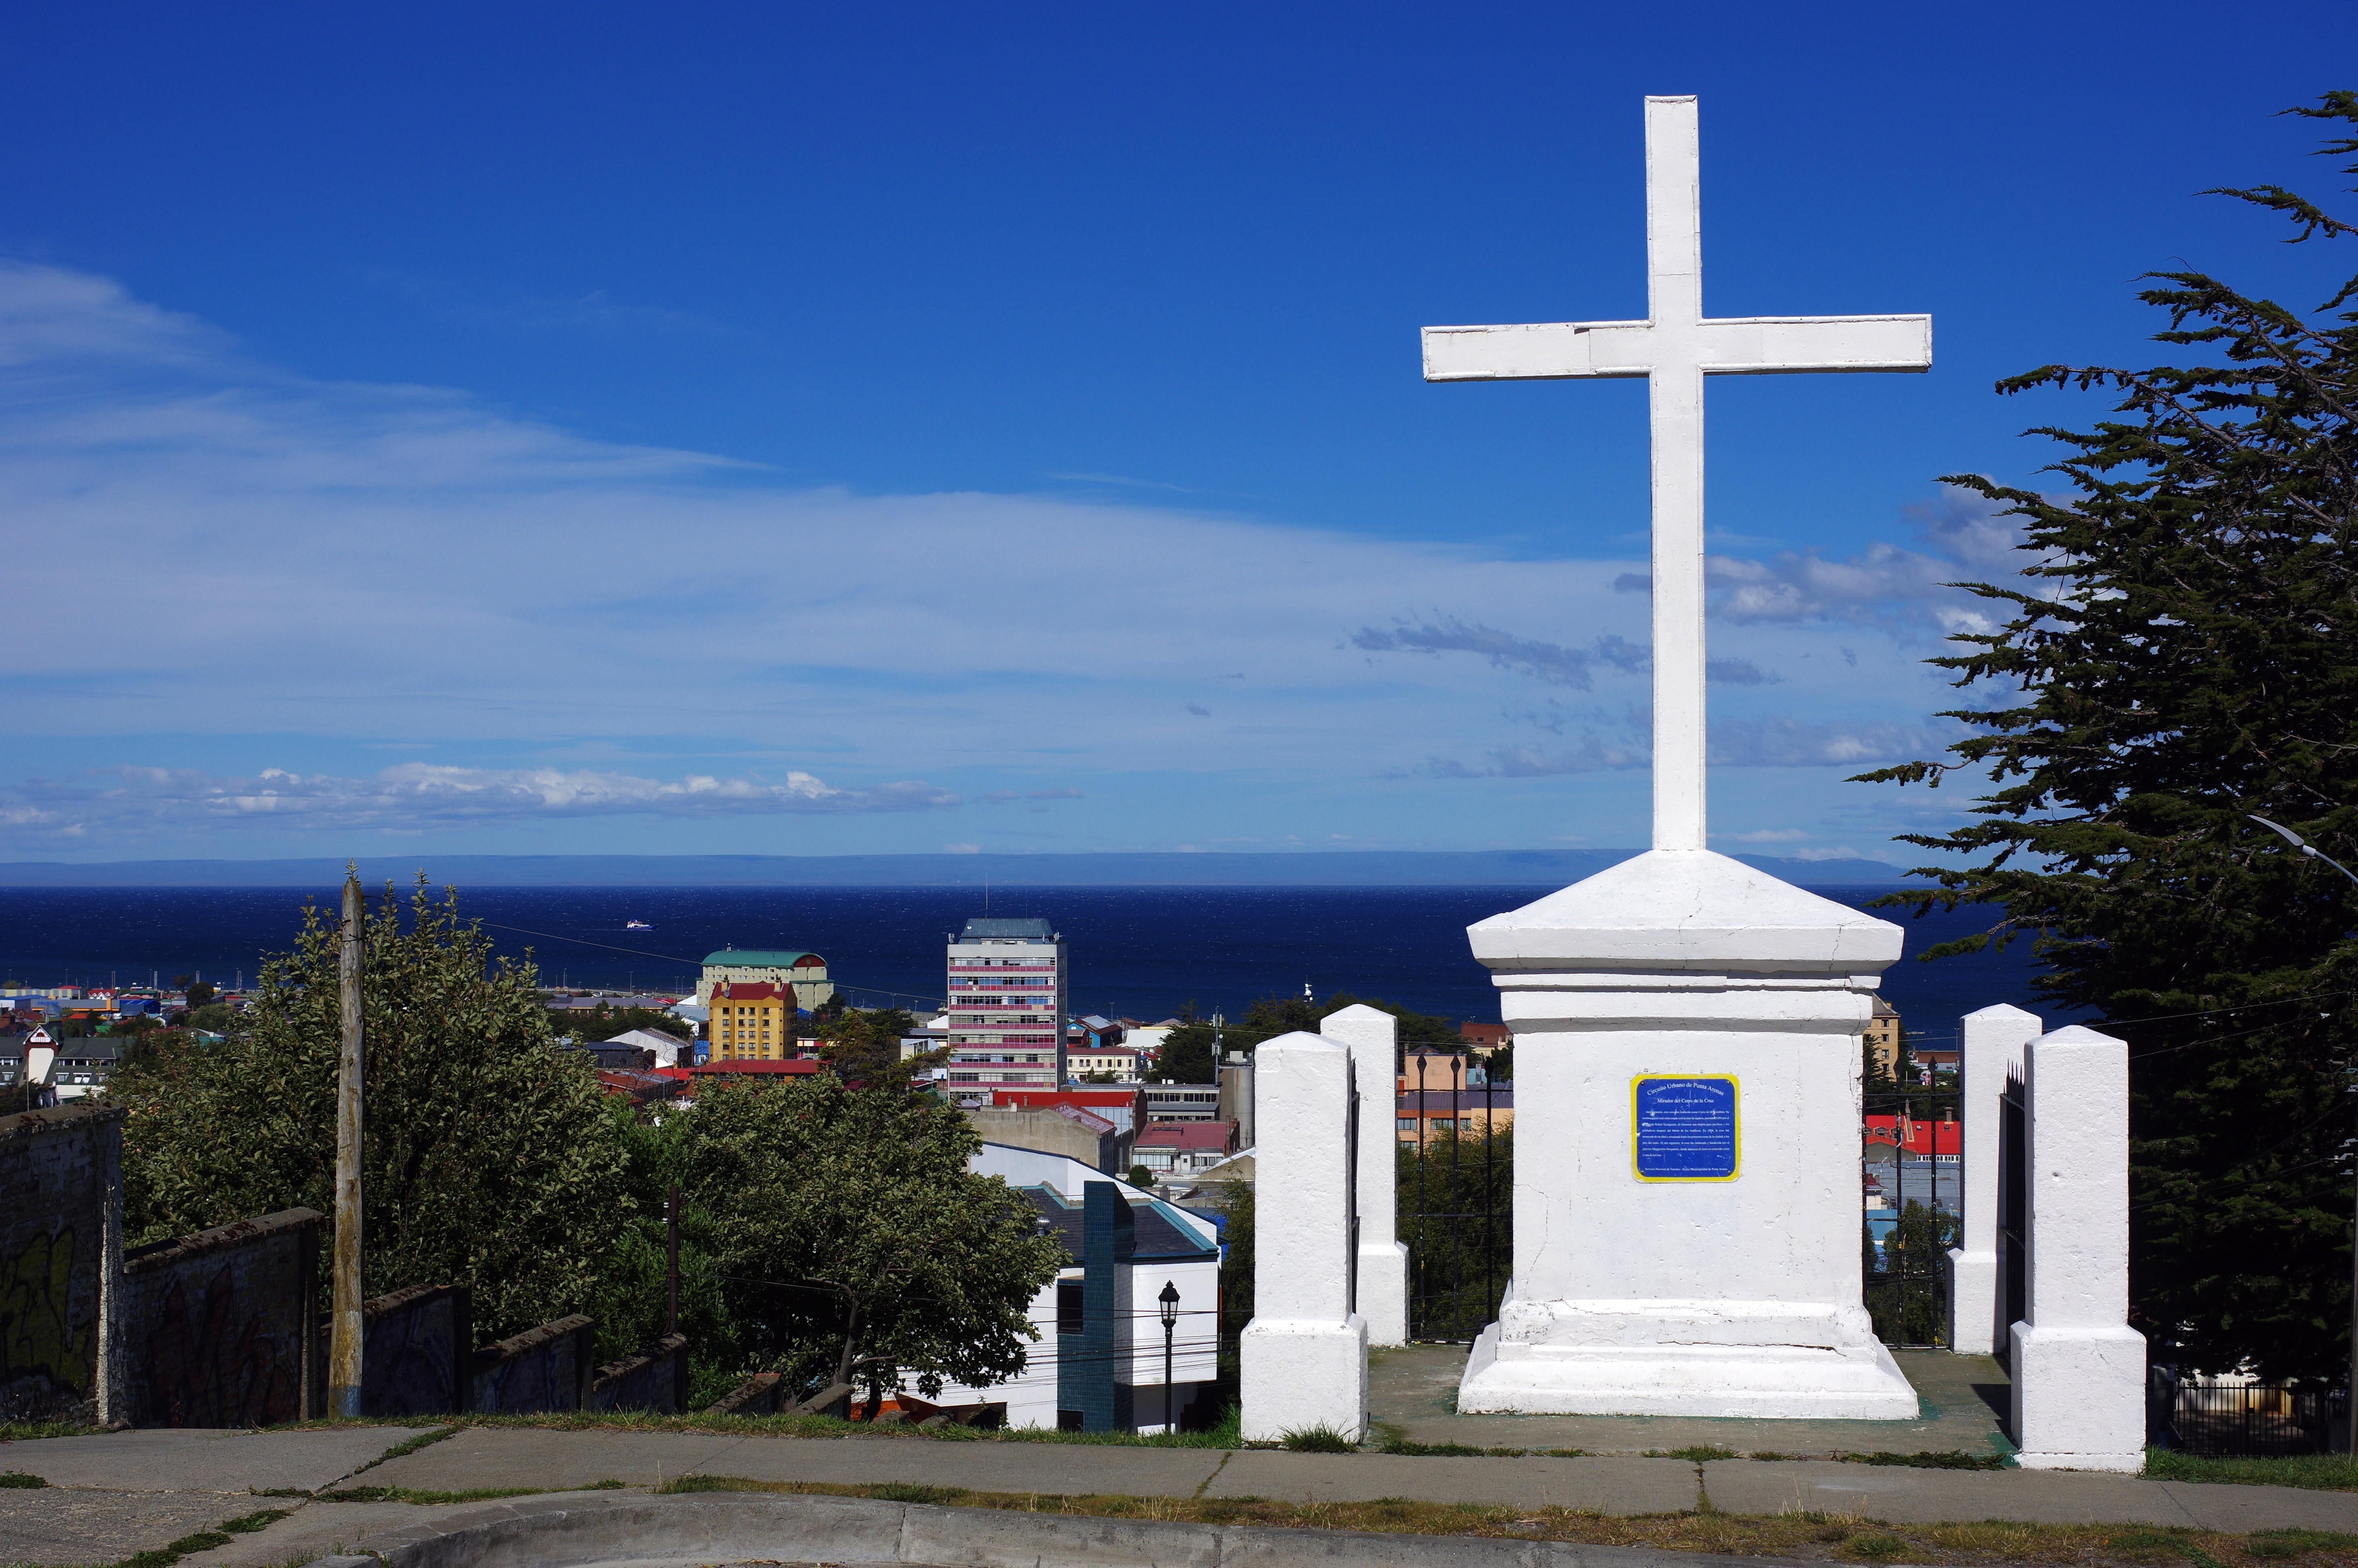 180119_Punta Arenas56